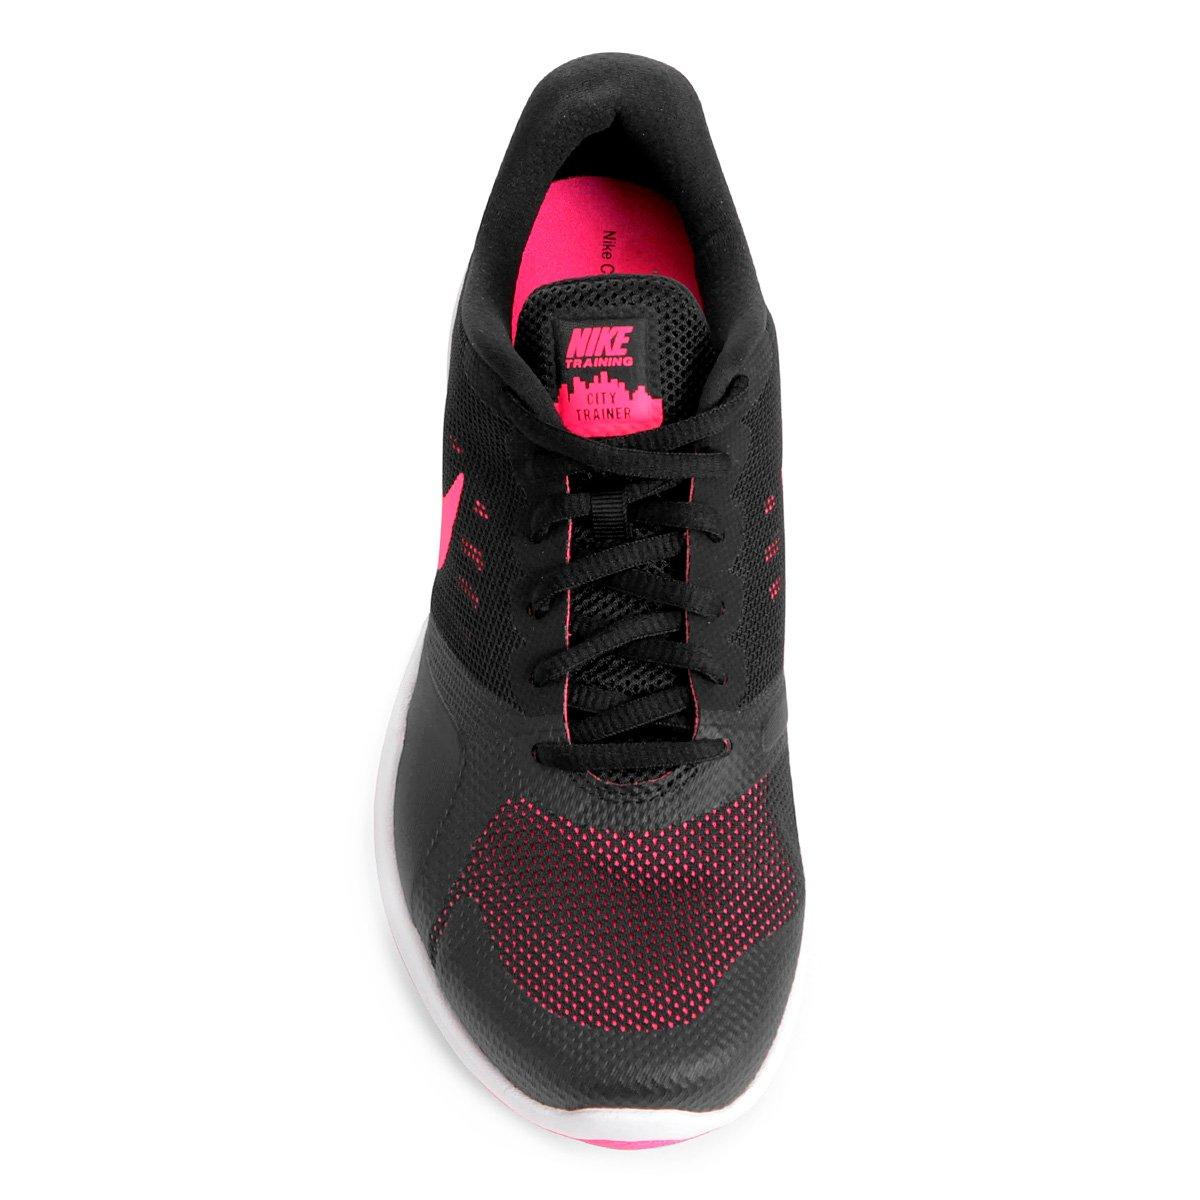 Tênis Nike City Trainer Feminino - Preto e Rosa - Compre Agora  3e2acbb9f5641